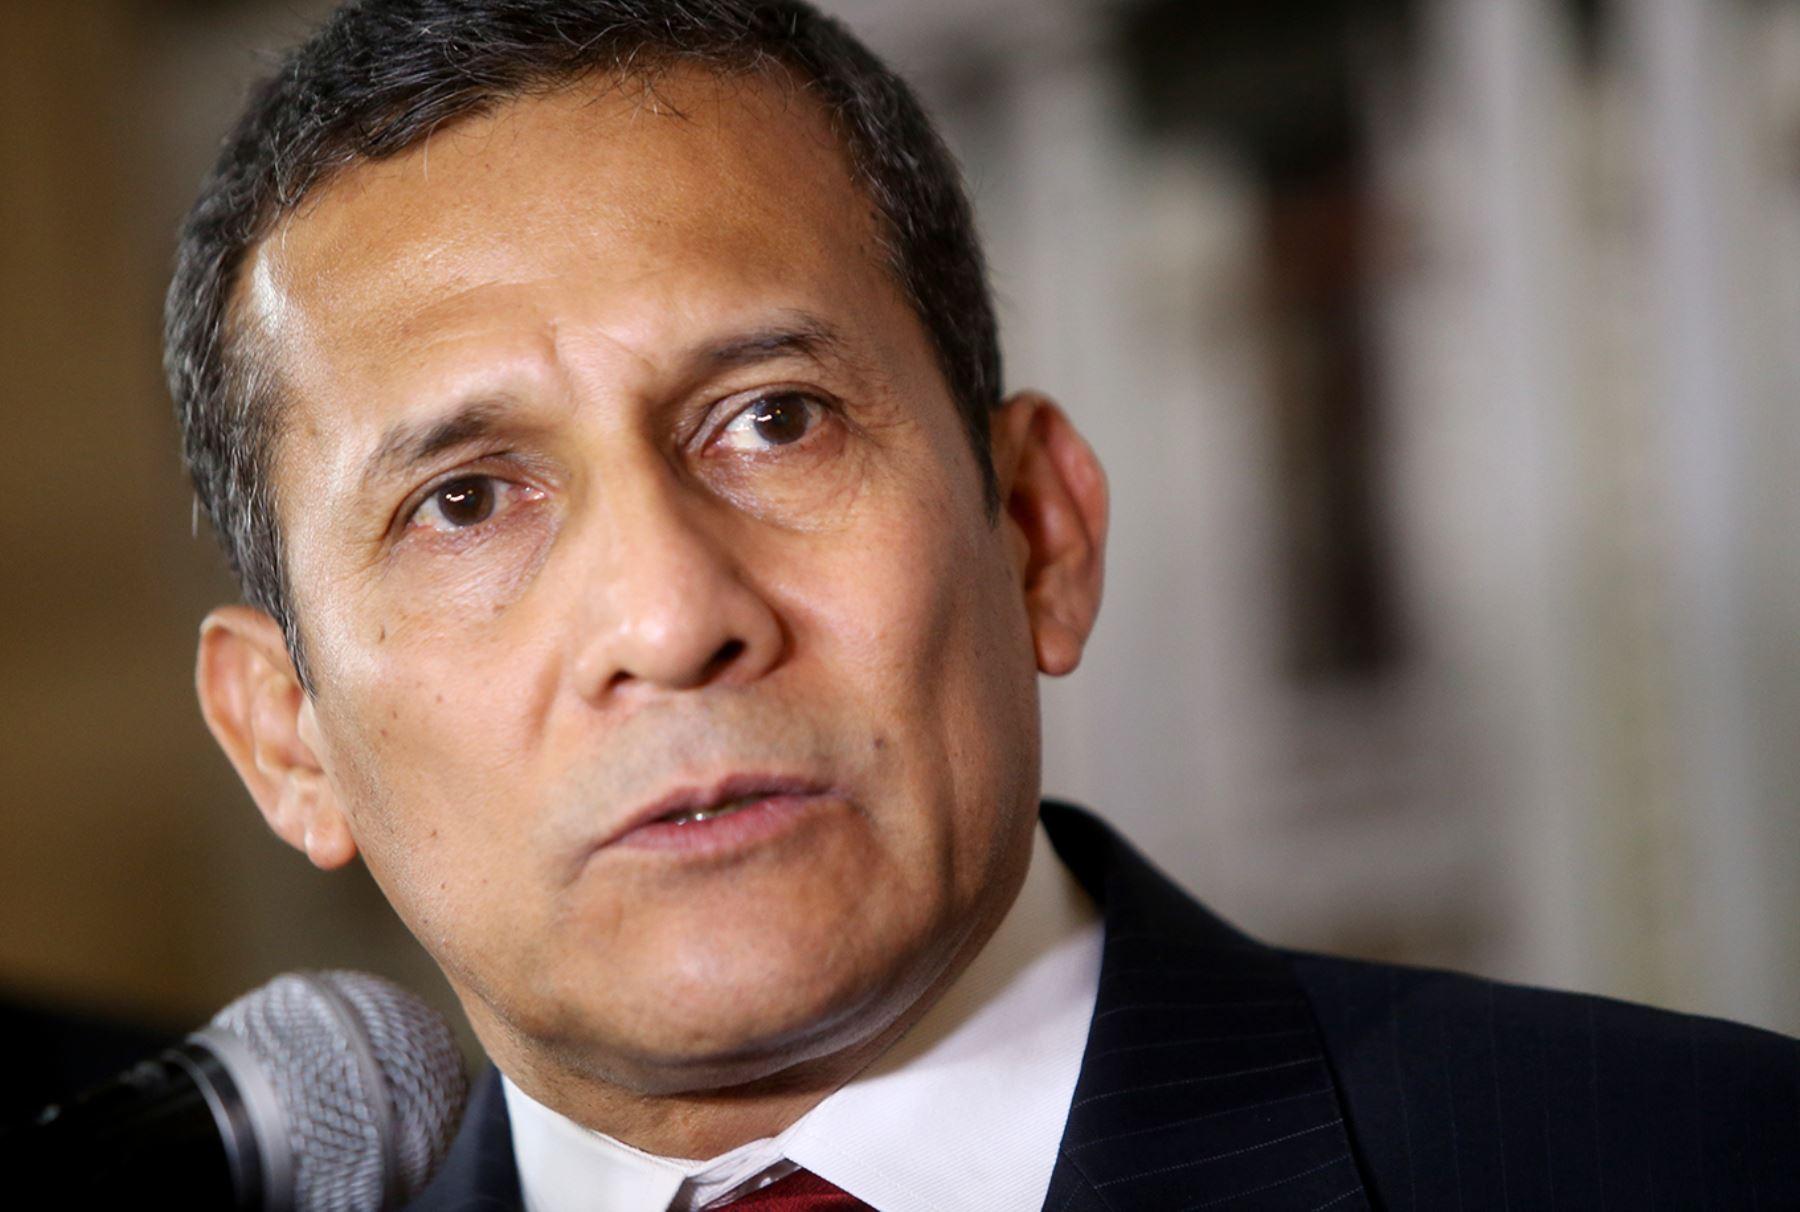 LIMA PERÚ, MARZO 31. Expresidente Ollanta Humala brinda declaraciones tras su descargo en la Comisión de Defensa del Congreso. Foto: ANDINA/Melina Mejía